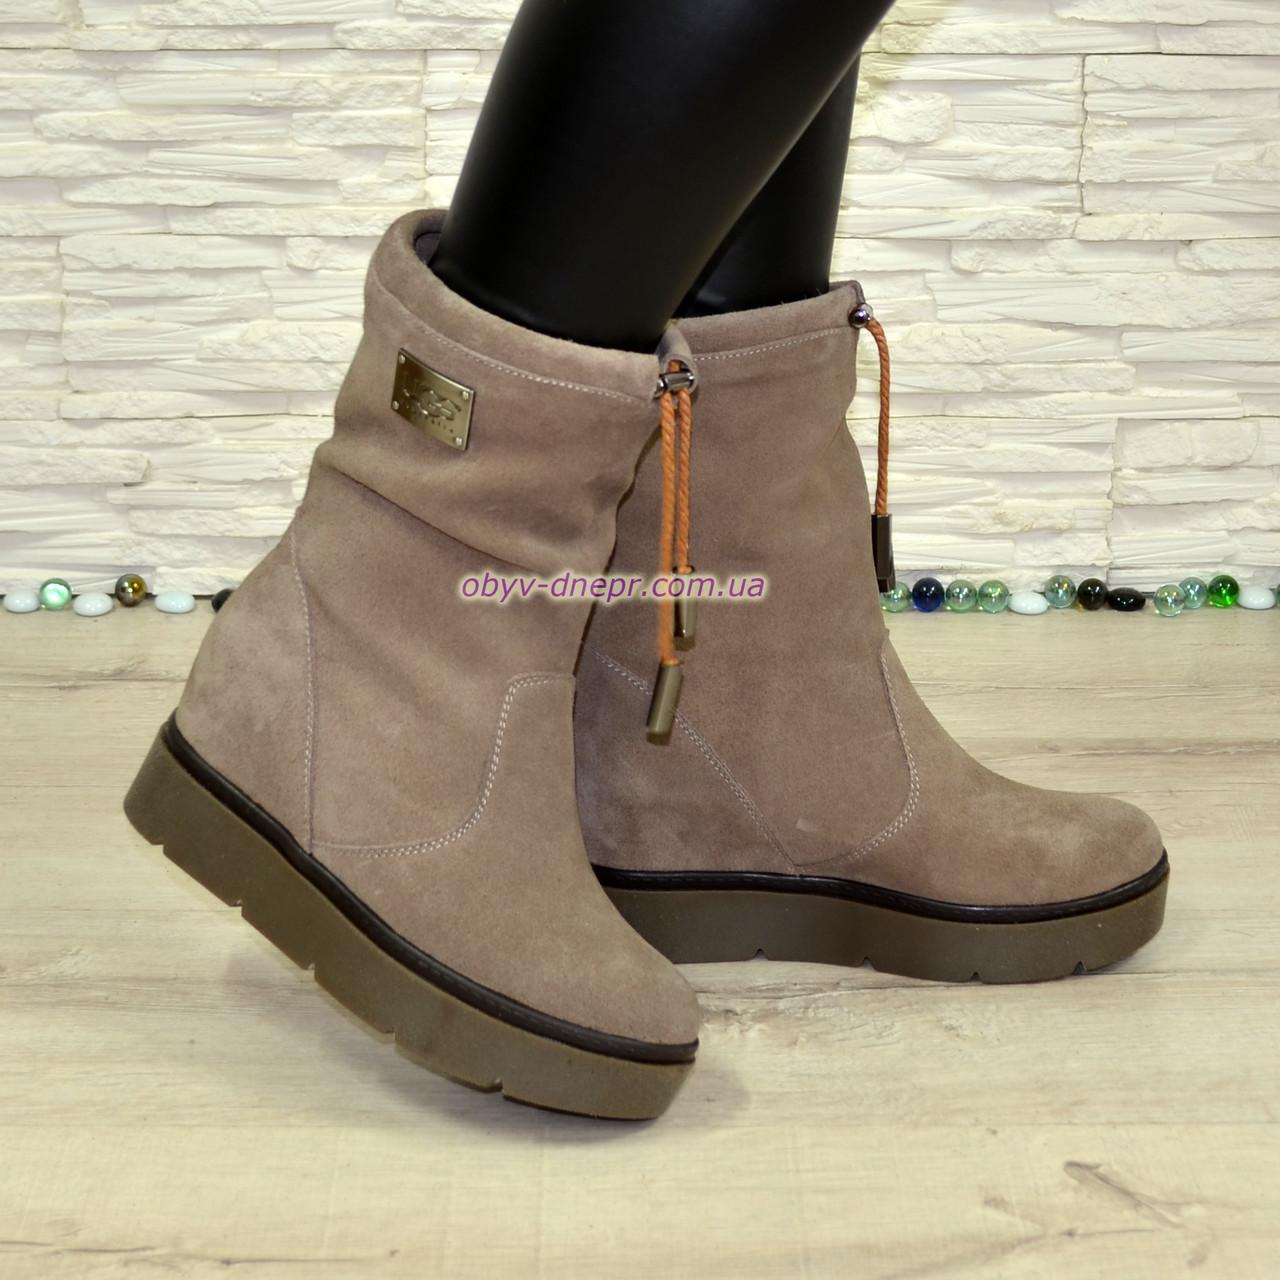 Замшеві черевики демісезонні вільного взування на прихованій танкетці, колір бежевий